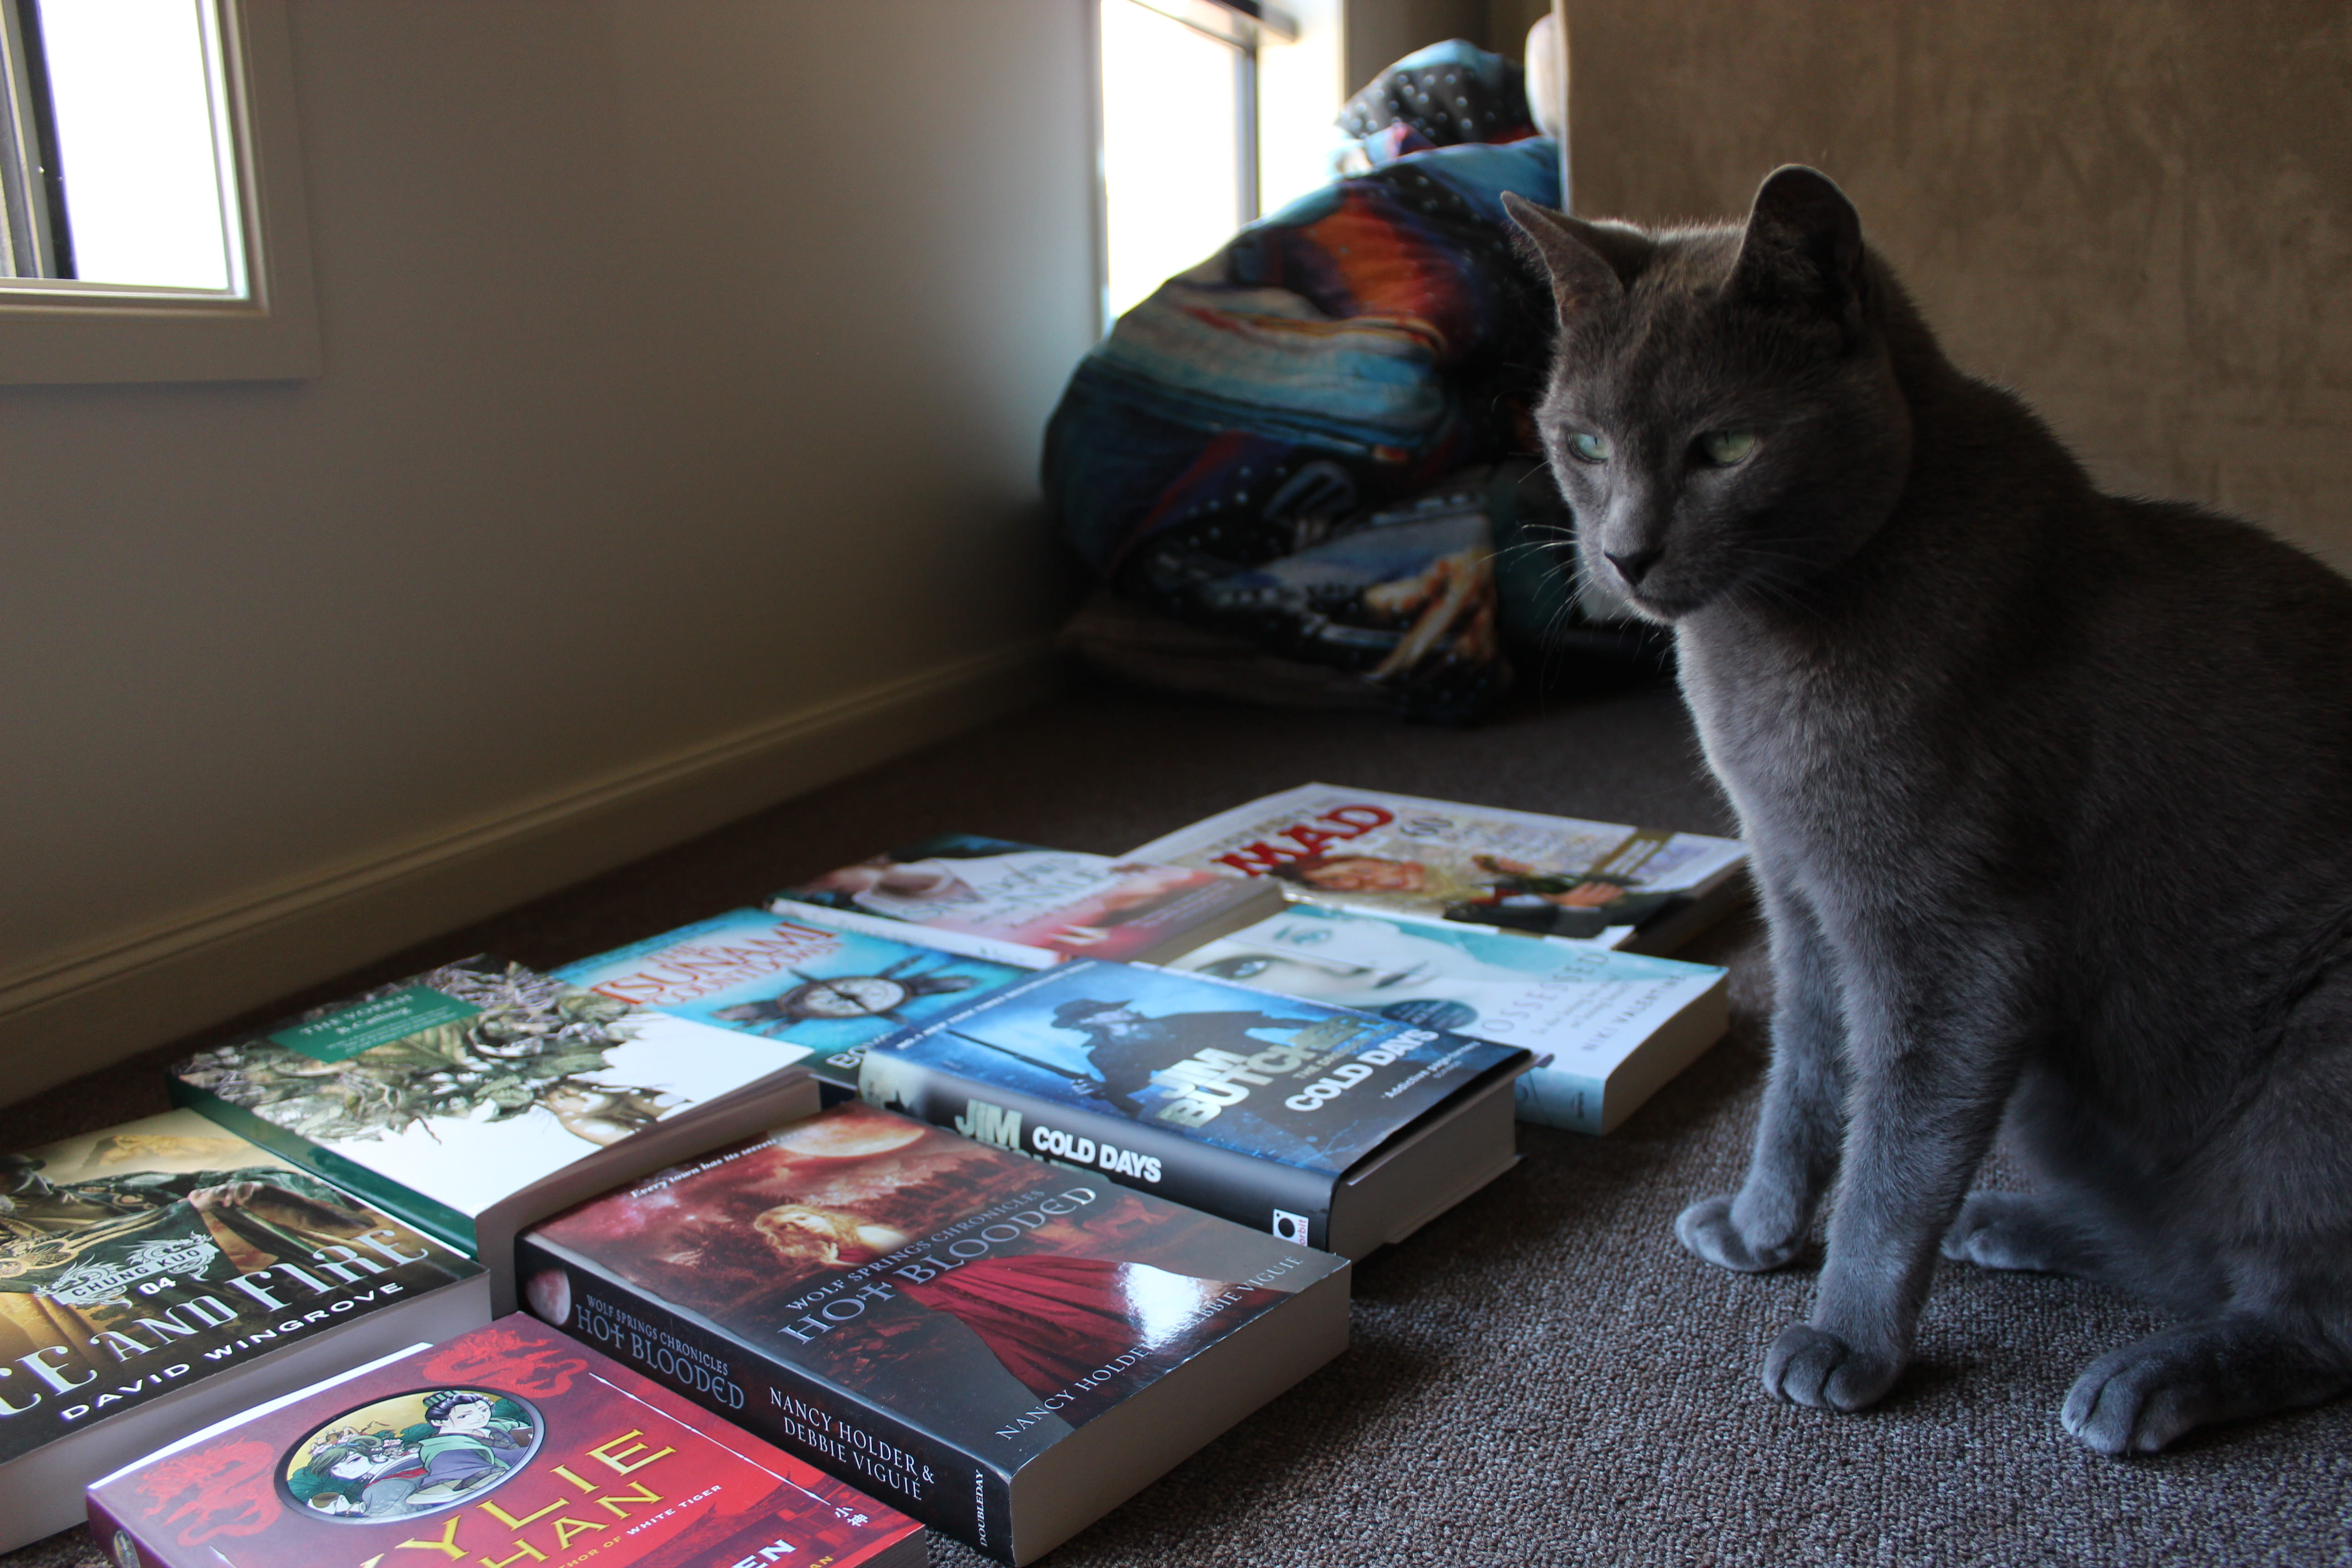 Smokey hoards books